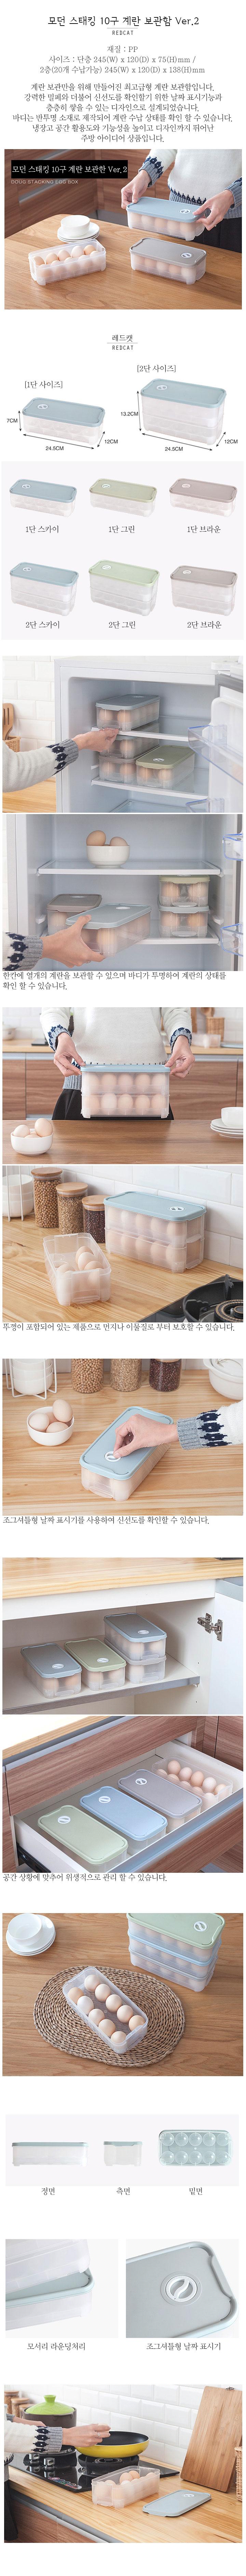 모던 스태킹 10구 계란 보관함 Ver.2 - 네코리빙, 4,640원, 주방수납용품, 수납함